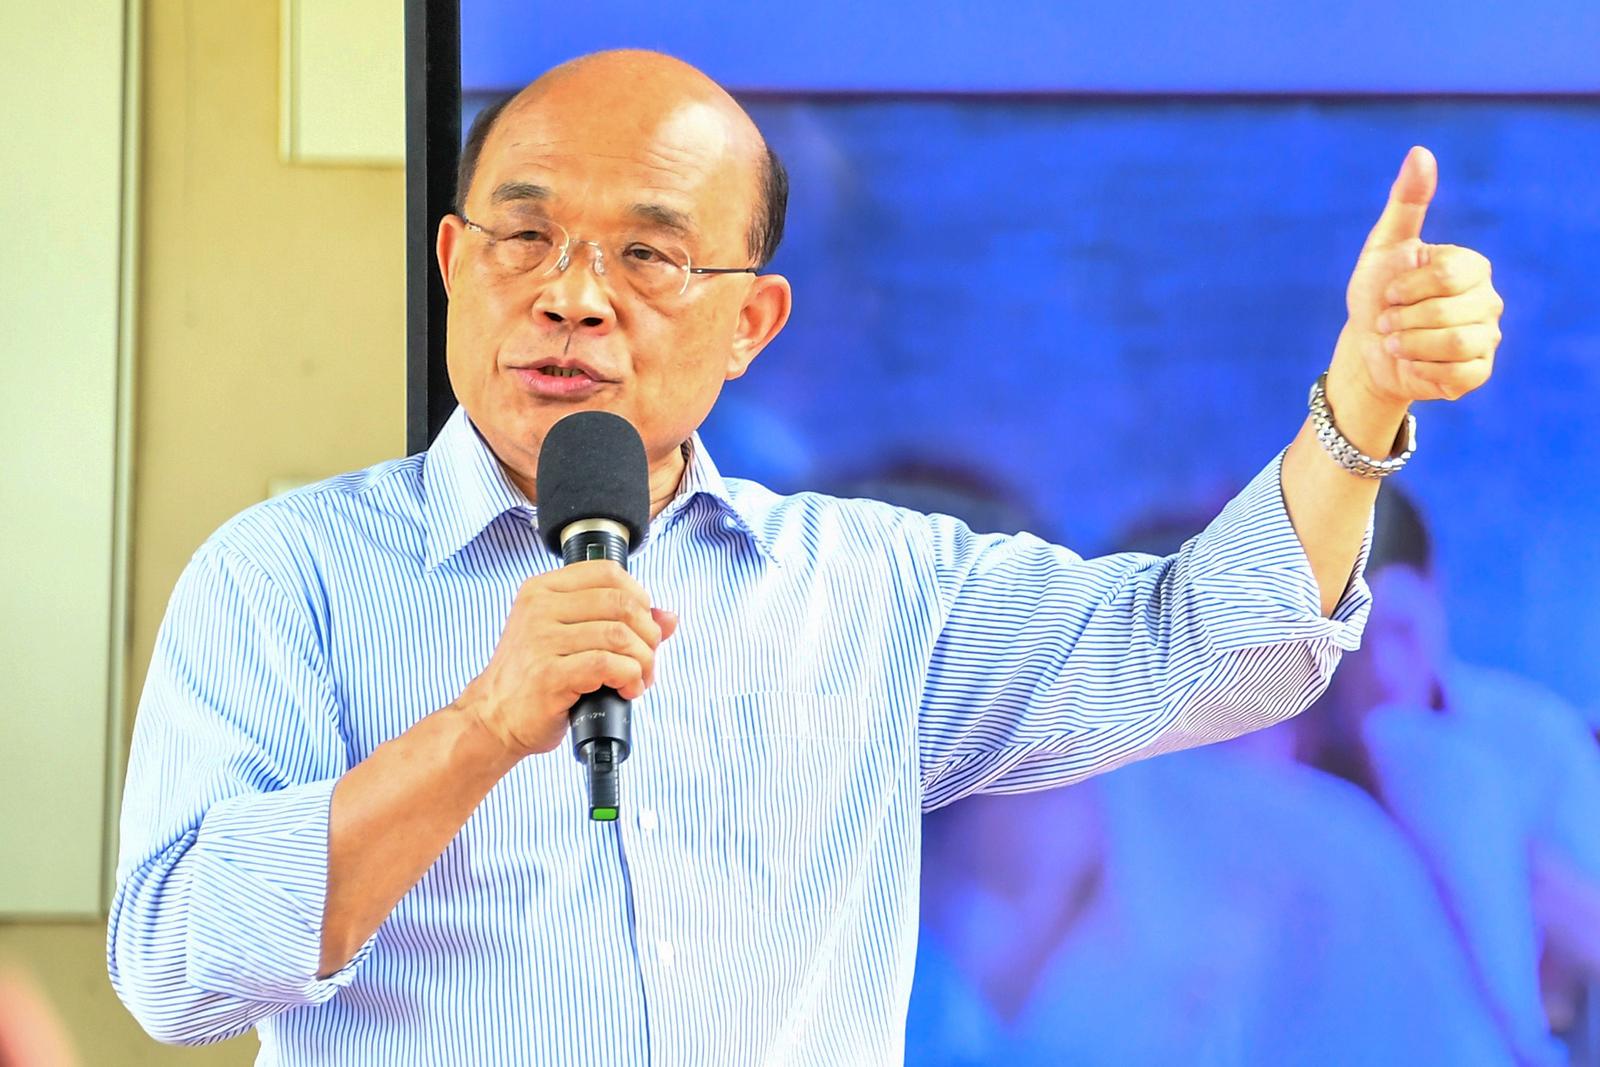 2020年7月7日,行政院长苏贞昌:从「港版国安法」可以看到,台湾一直坚持主权、坚持安全是多么的重要。(行政院提供)